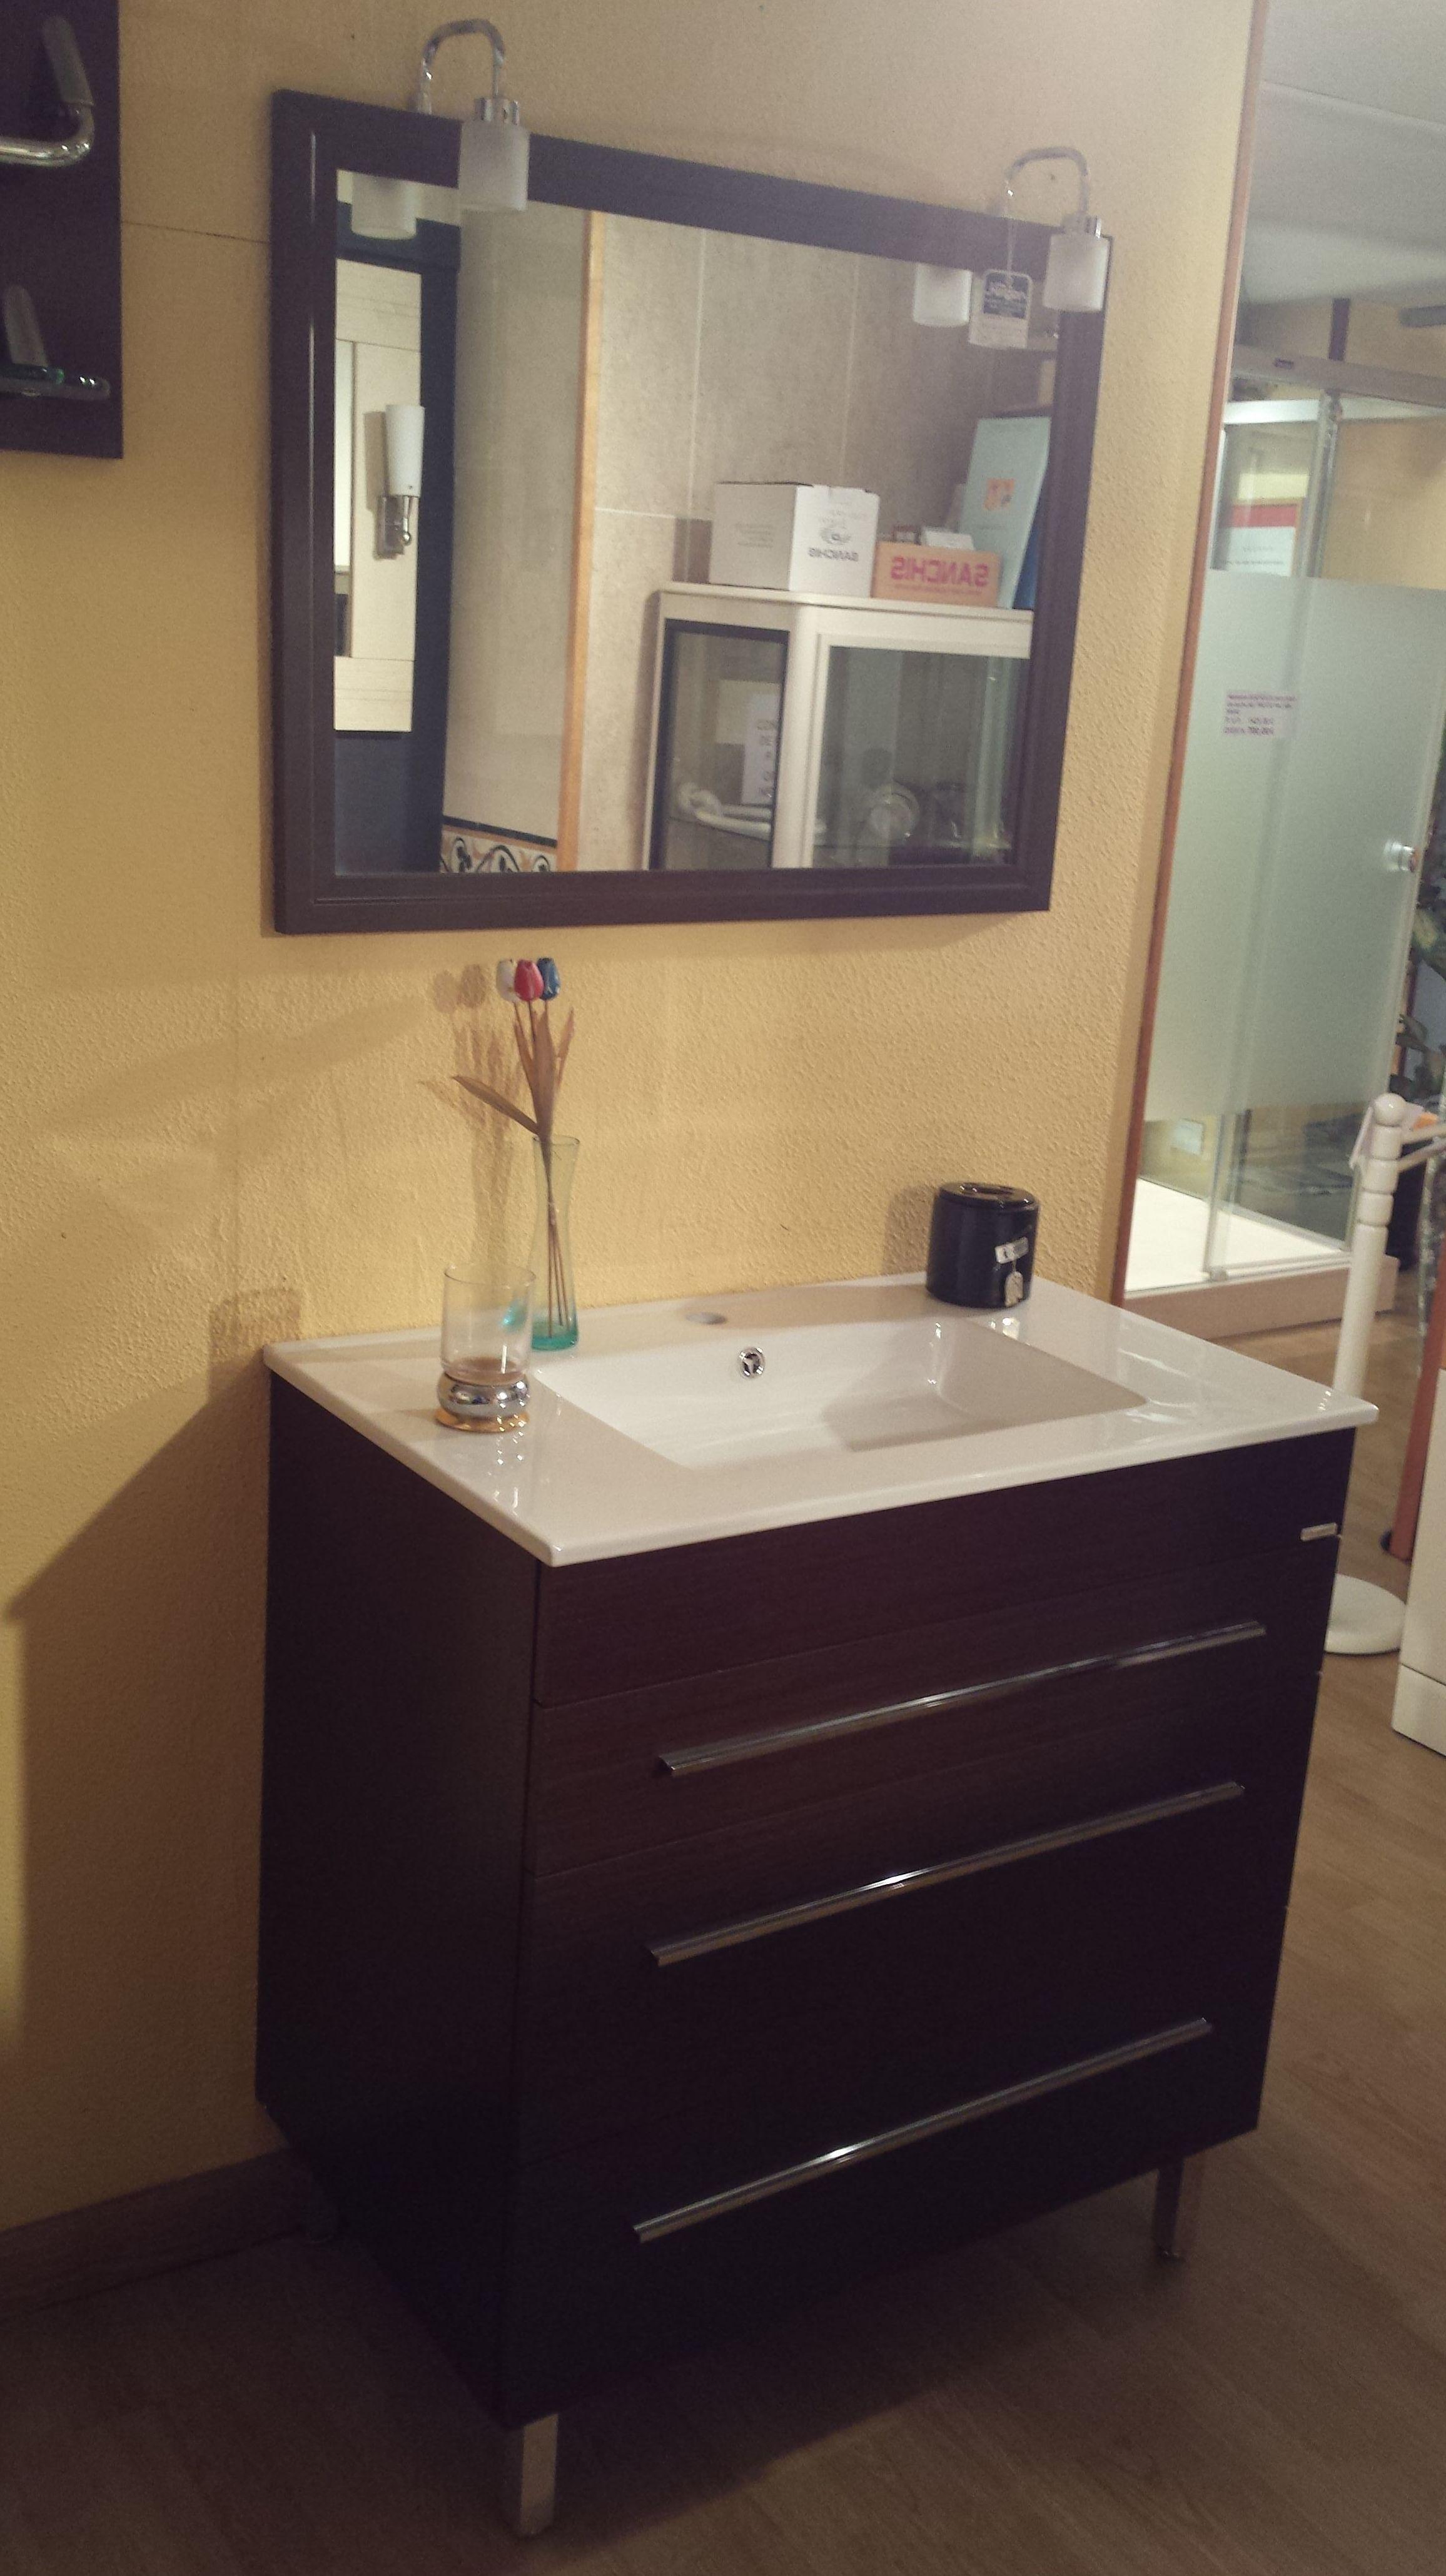 oferta muebles de baño, Gijon